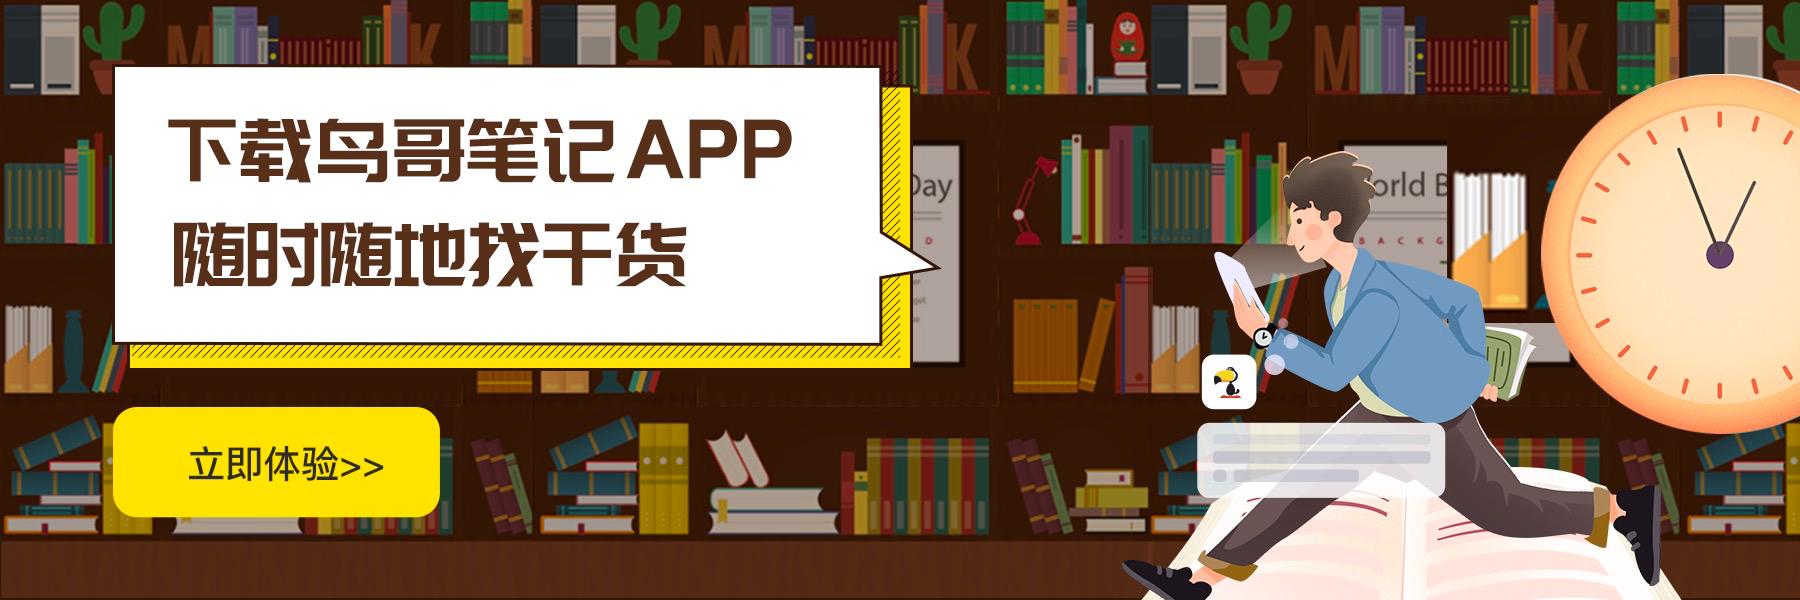 鸟哥笔记,行业动态,刘飞,案例分析,新零售,抖音,淘宝,电商